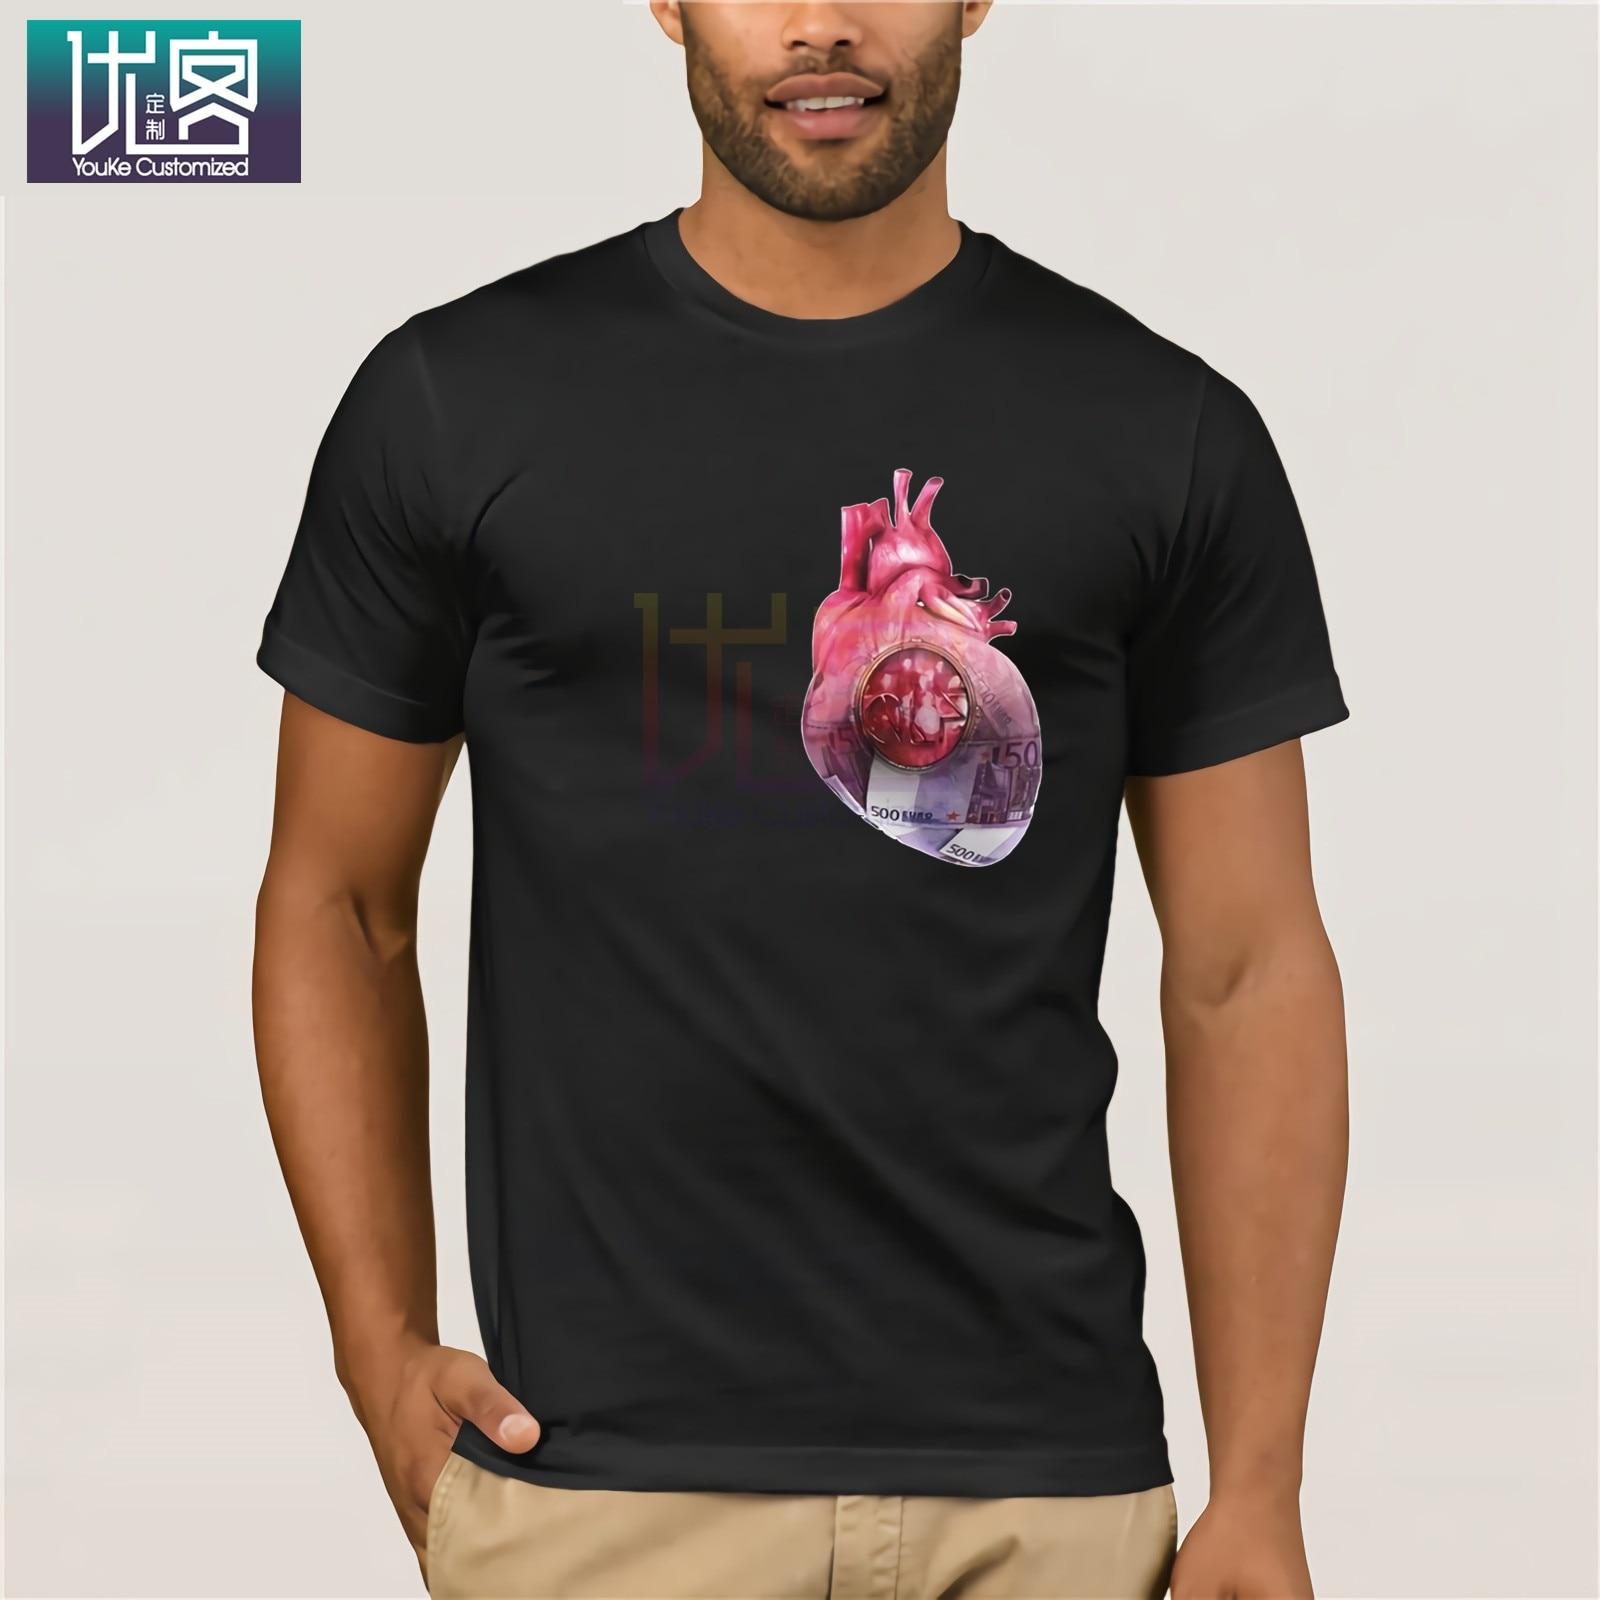 PNL T-Shirt Que La Famille Clothes Popular T-Shirt Crewneck 100% Cotton Tees Funny Tees Cotton Tops T Shirt Vintage Crew Neck